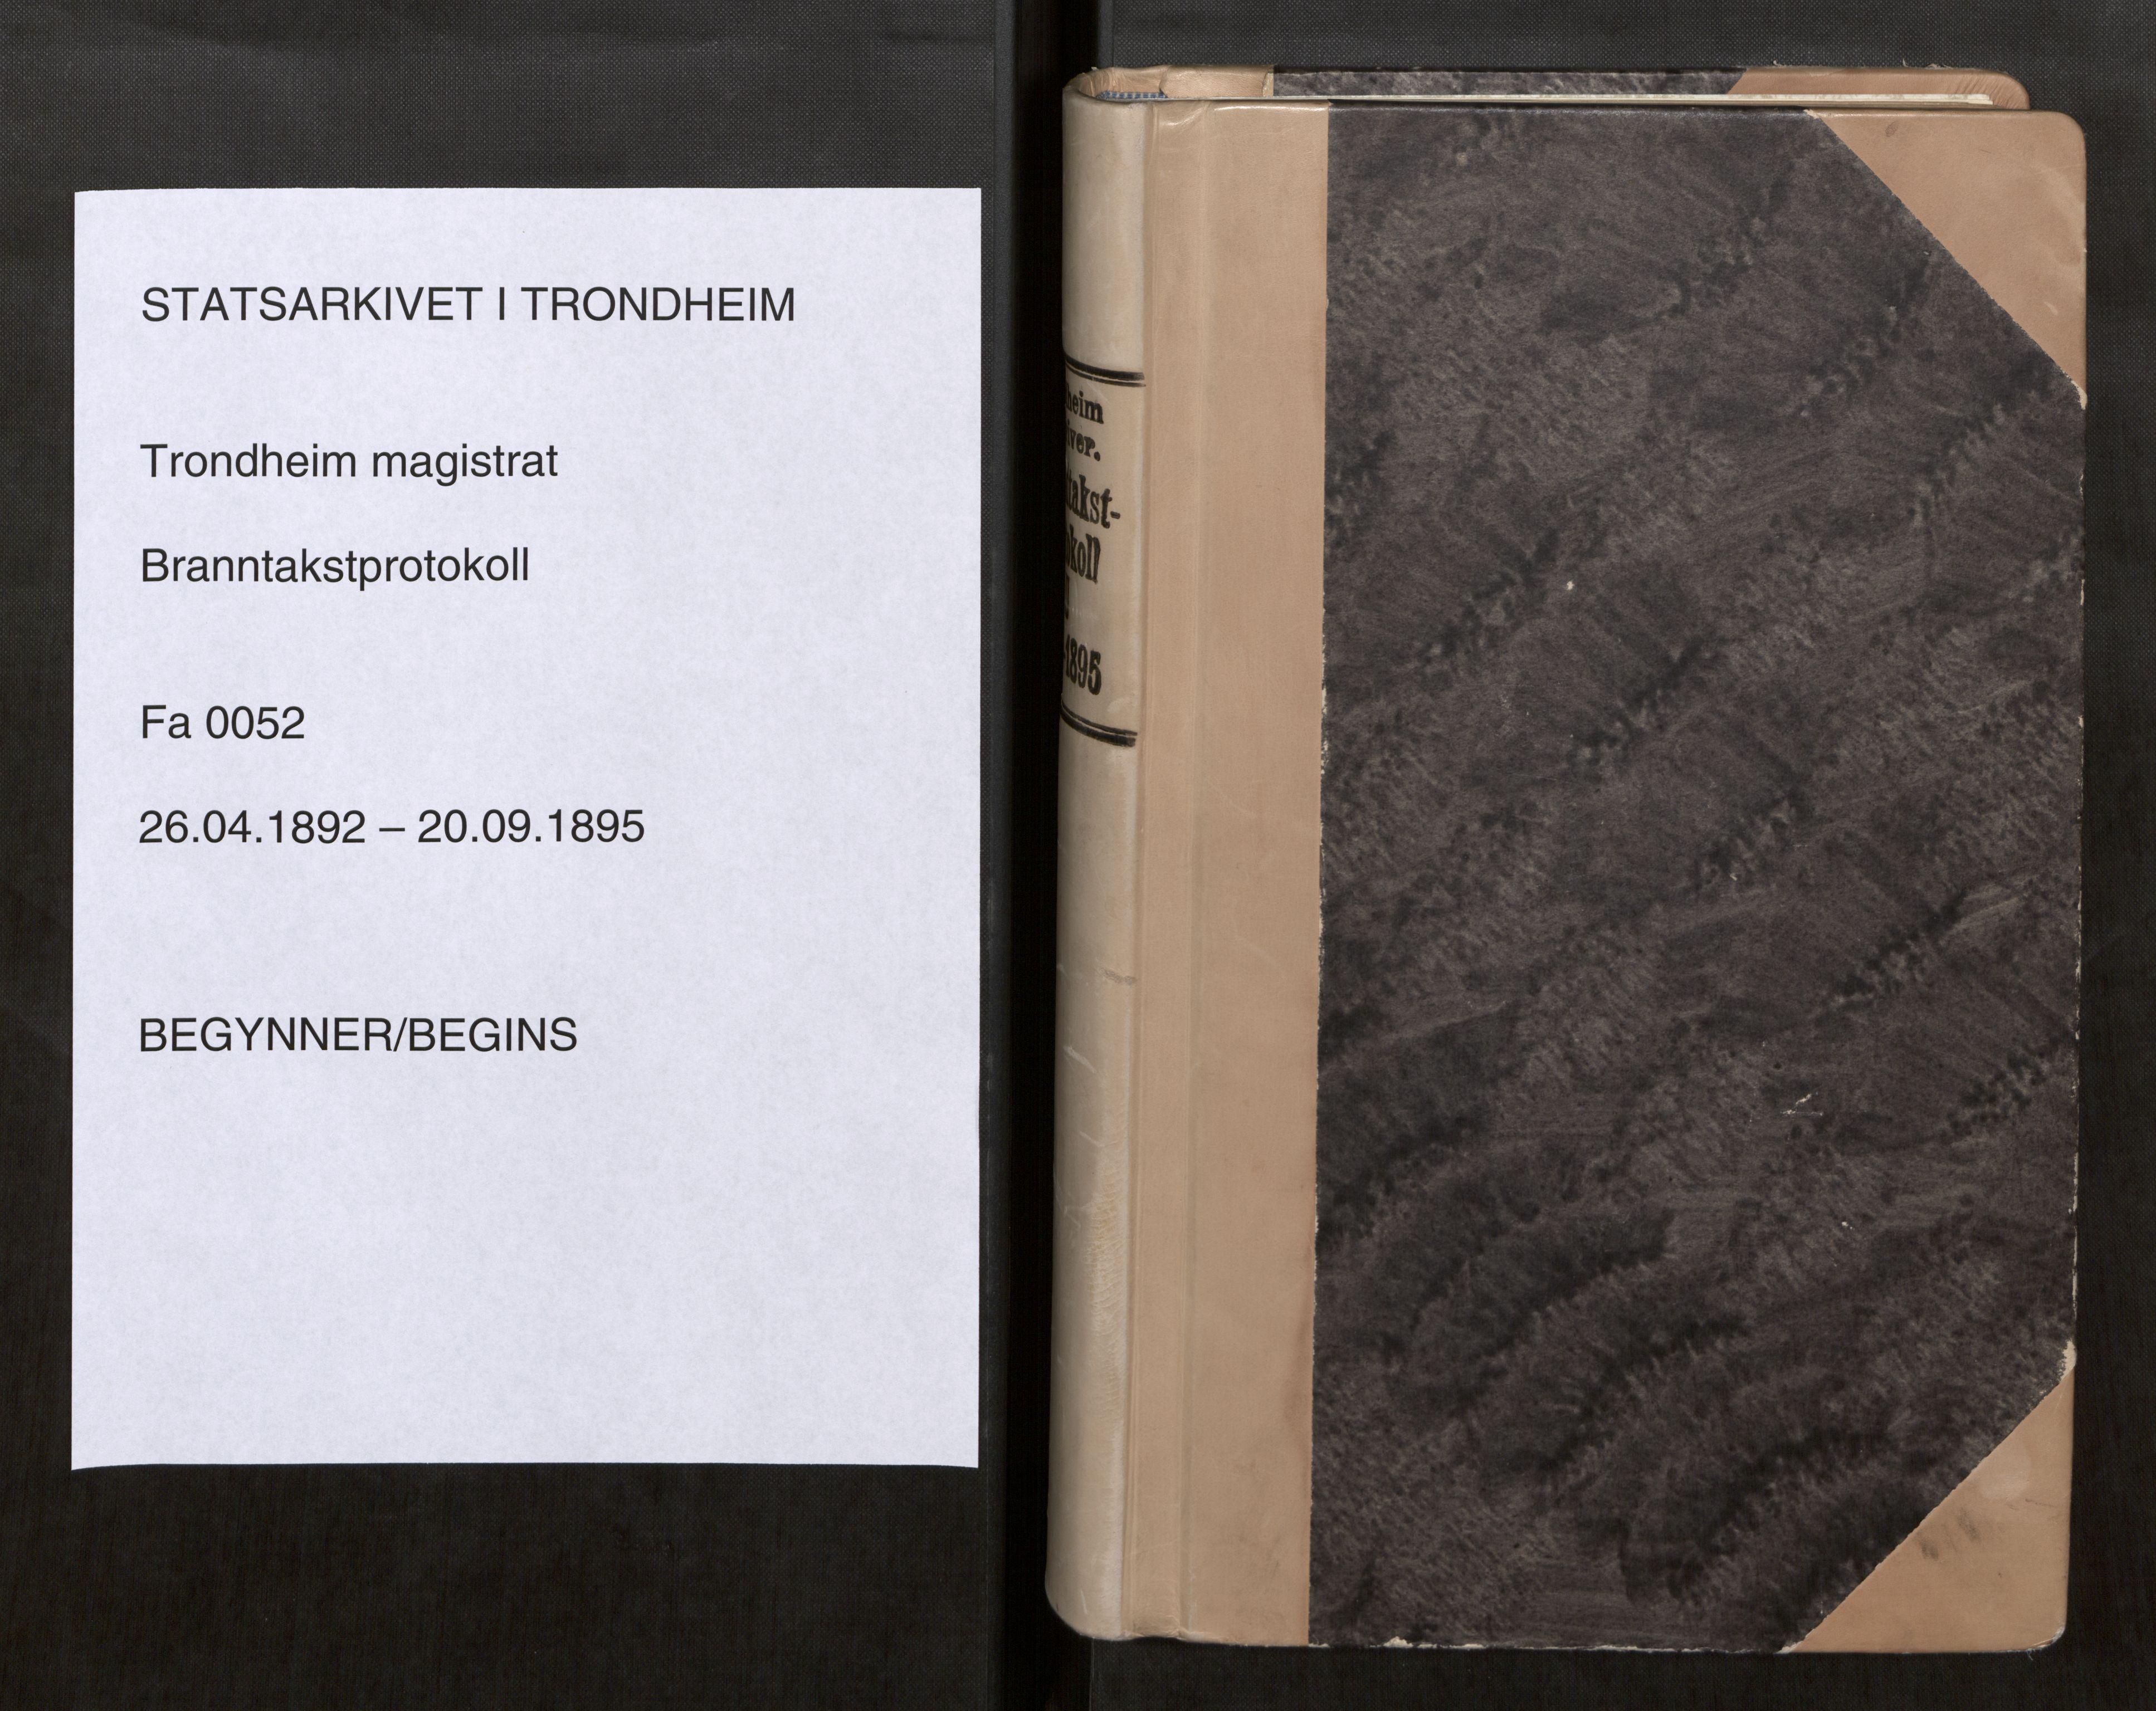 SAT, Norges Brannkasse Trondheim magistrat, Fa/L0056: Branntakstprotokoll U, 1892-1895